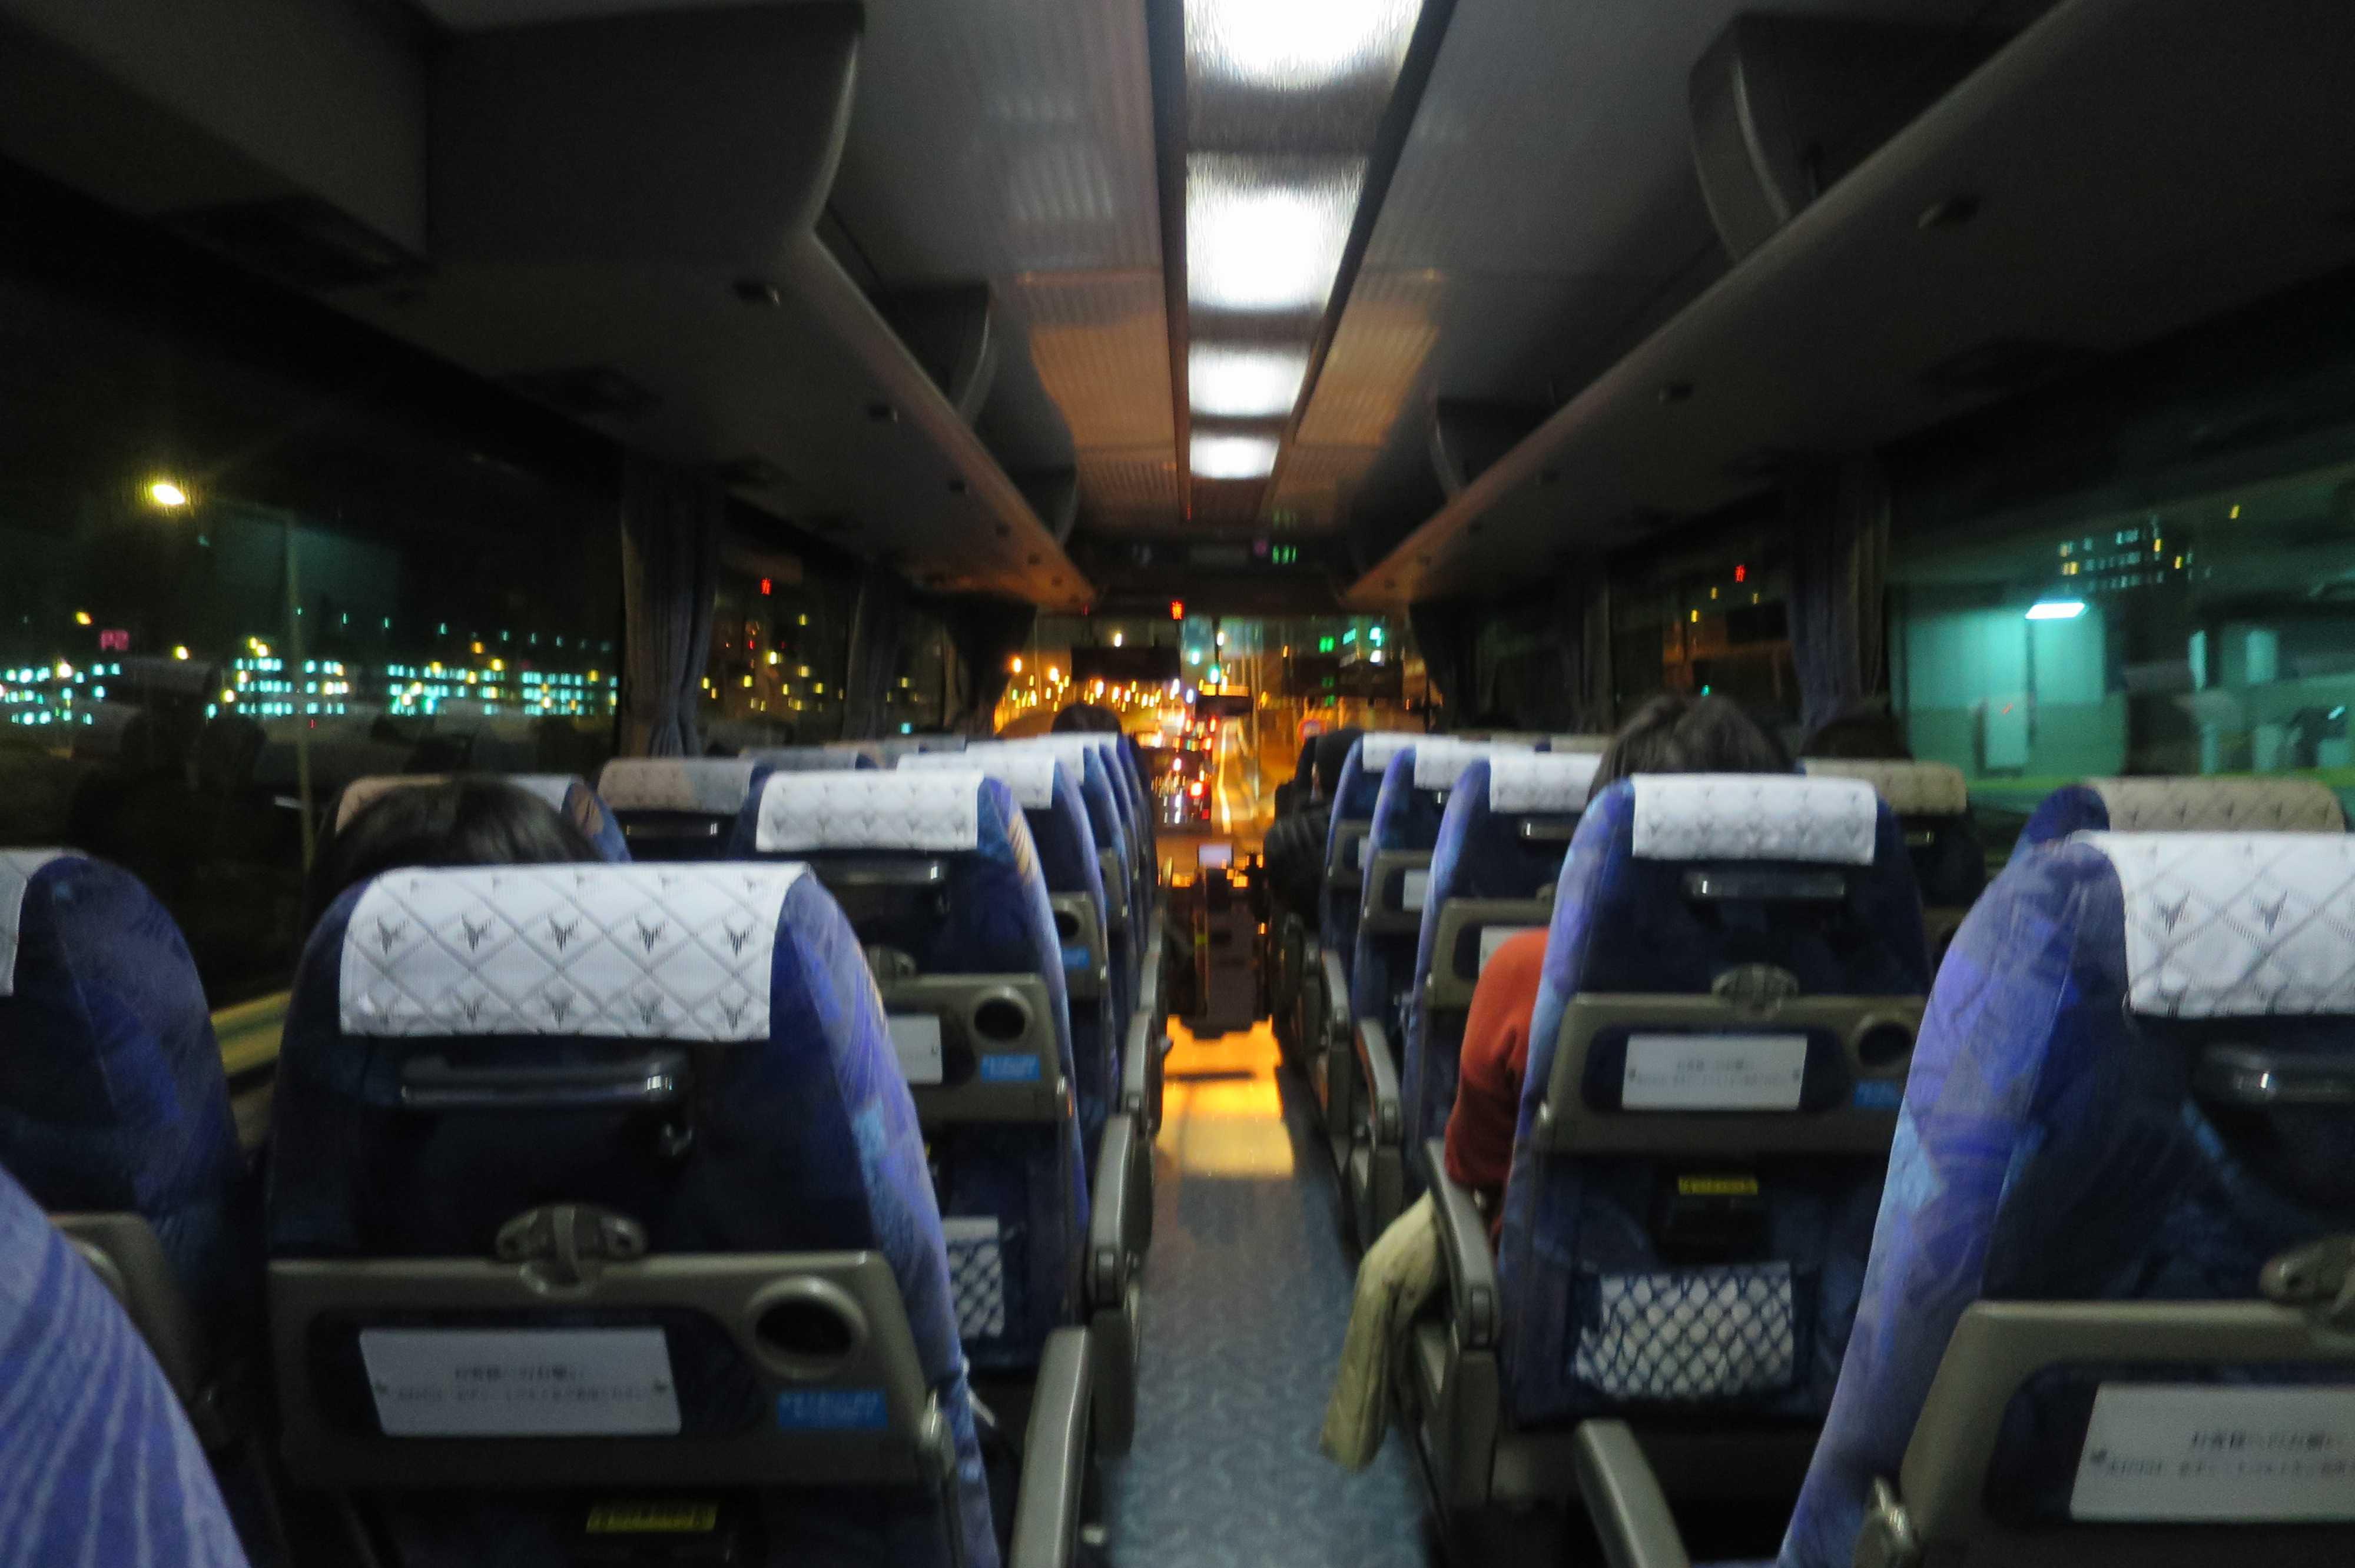 羽田空港に向かうリムジンバスの車中